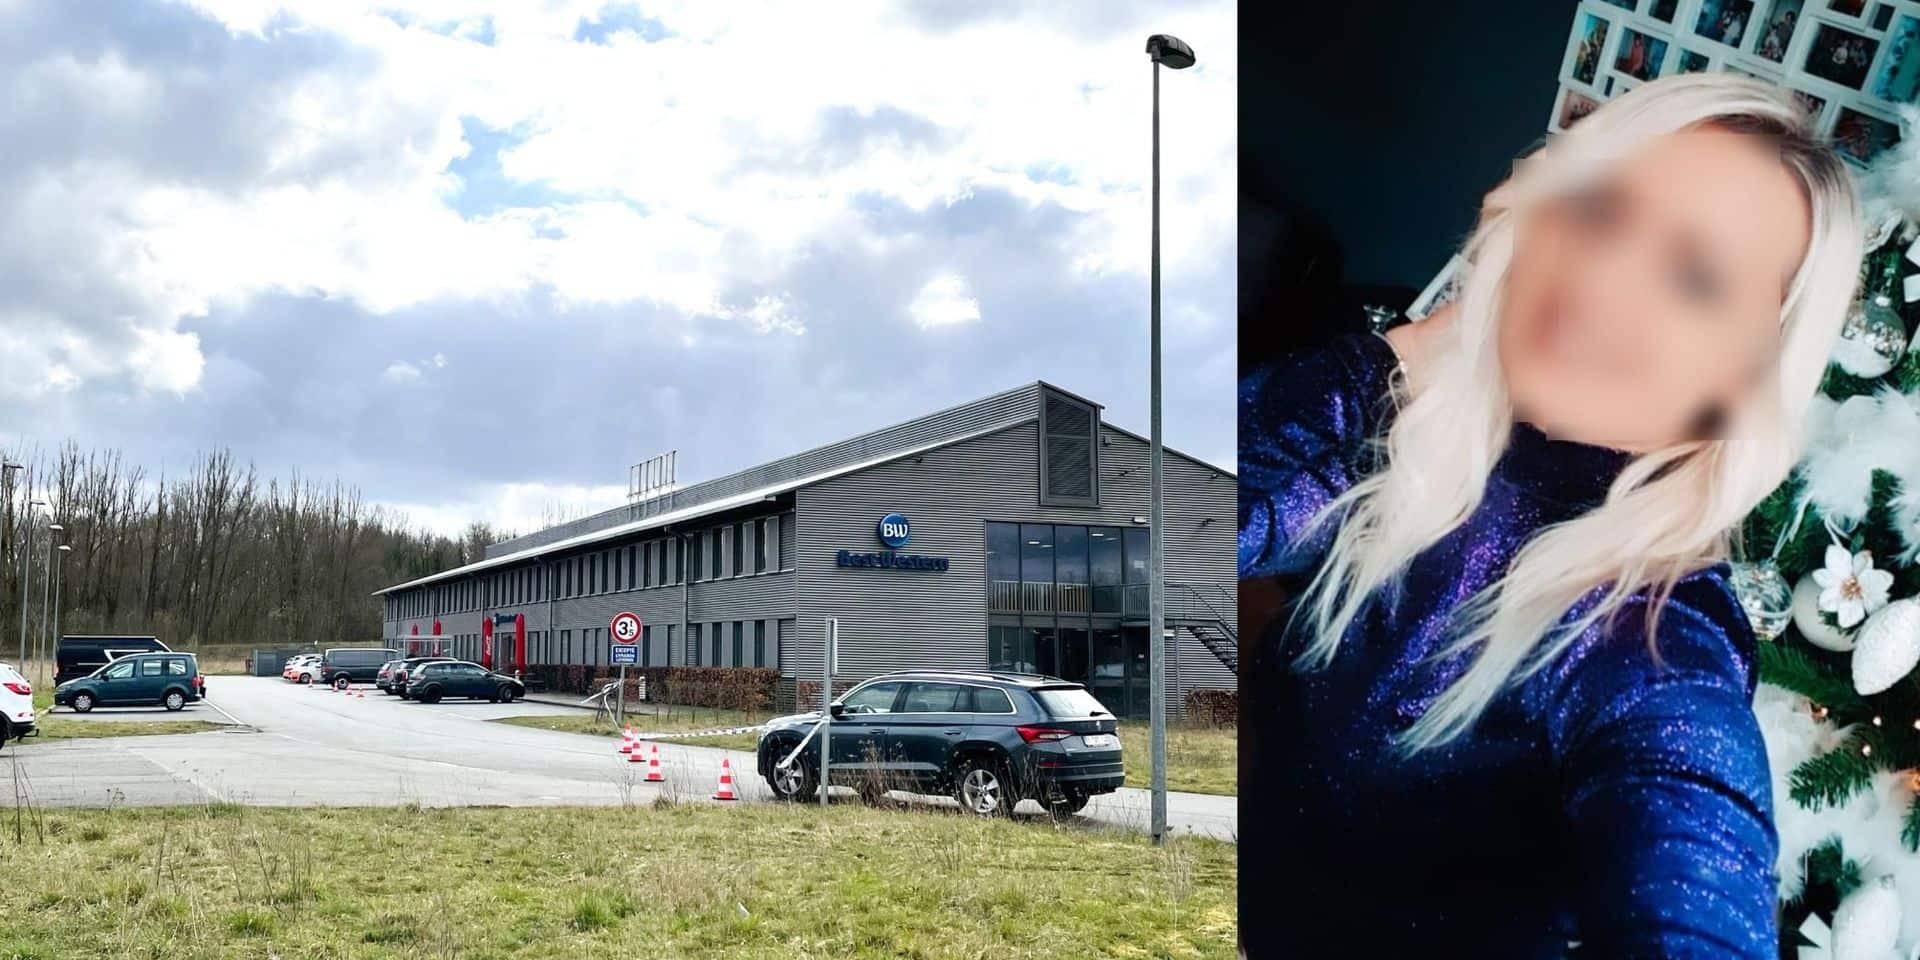 Xhuljeta tuée dans un motel à Ruisbroek: le meurtrier présumé retrouvé mort dans sa cellule